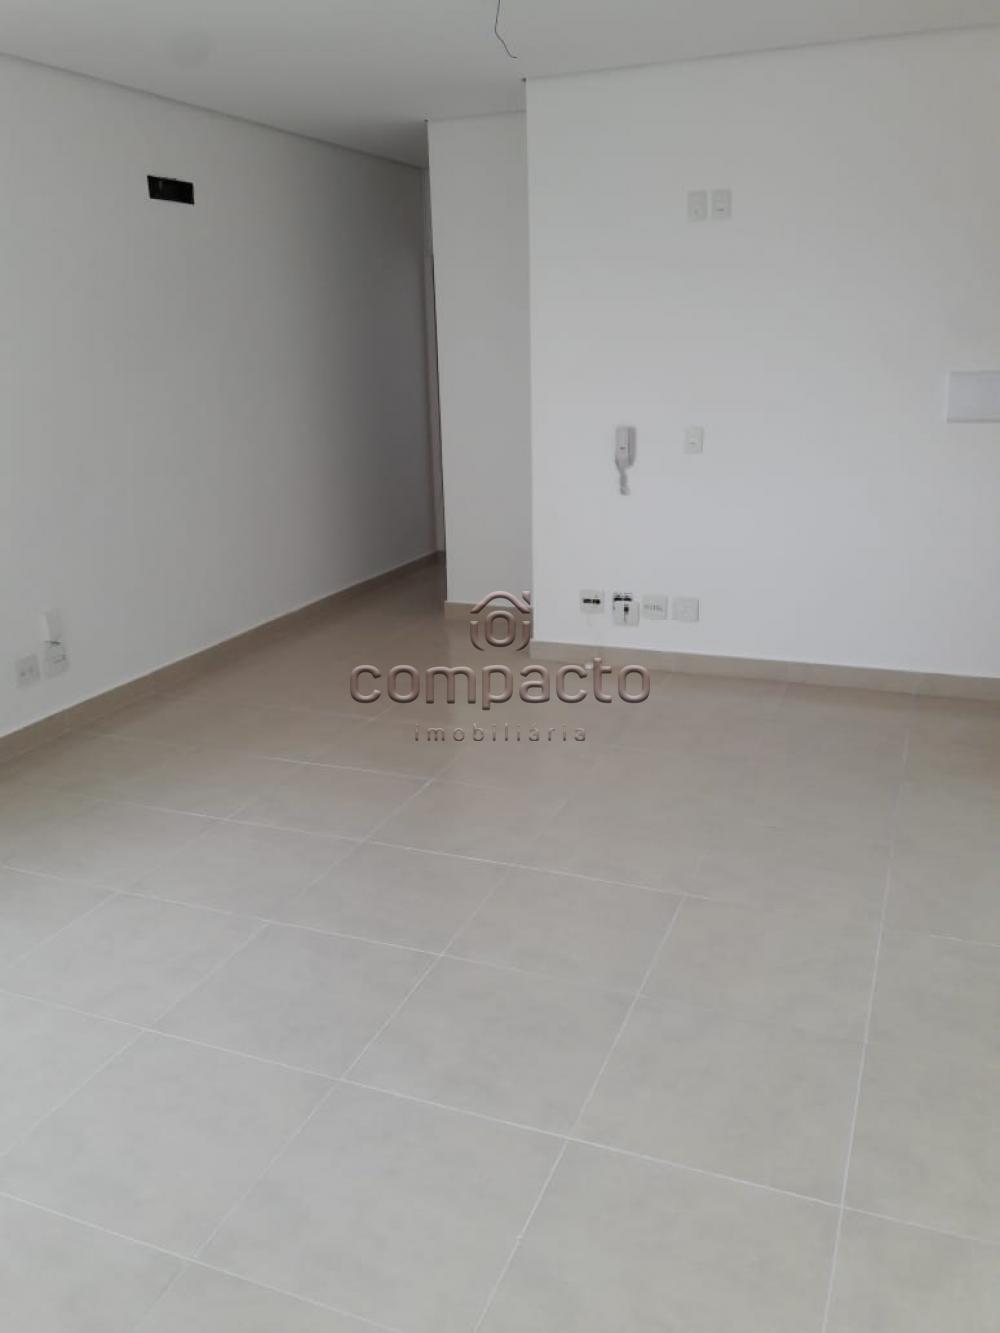 Alugar Comercial / Sala/Loja Condomínio em São José do Rio Preto apenas R$ 690,00 - Foto 3